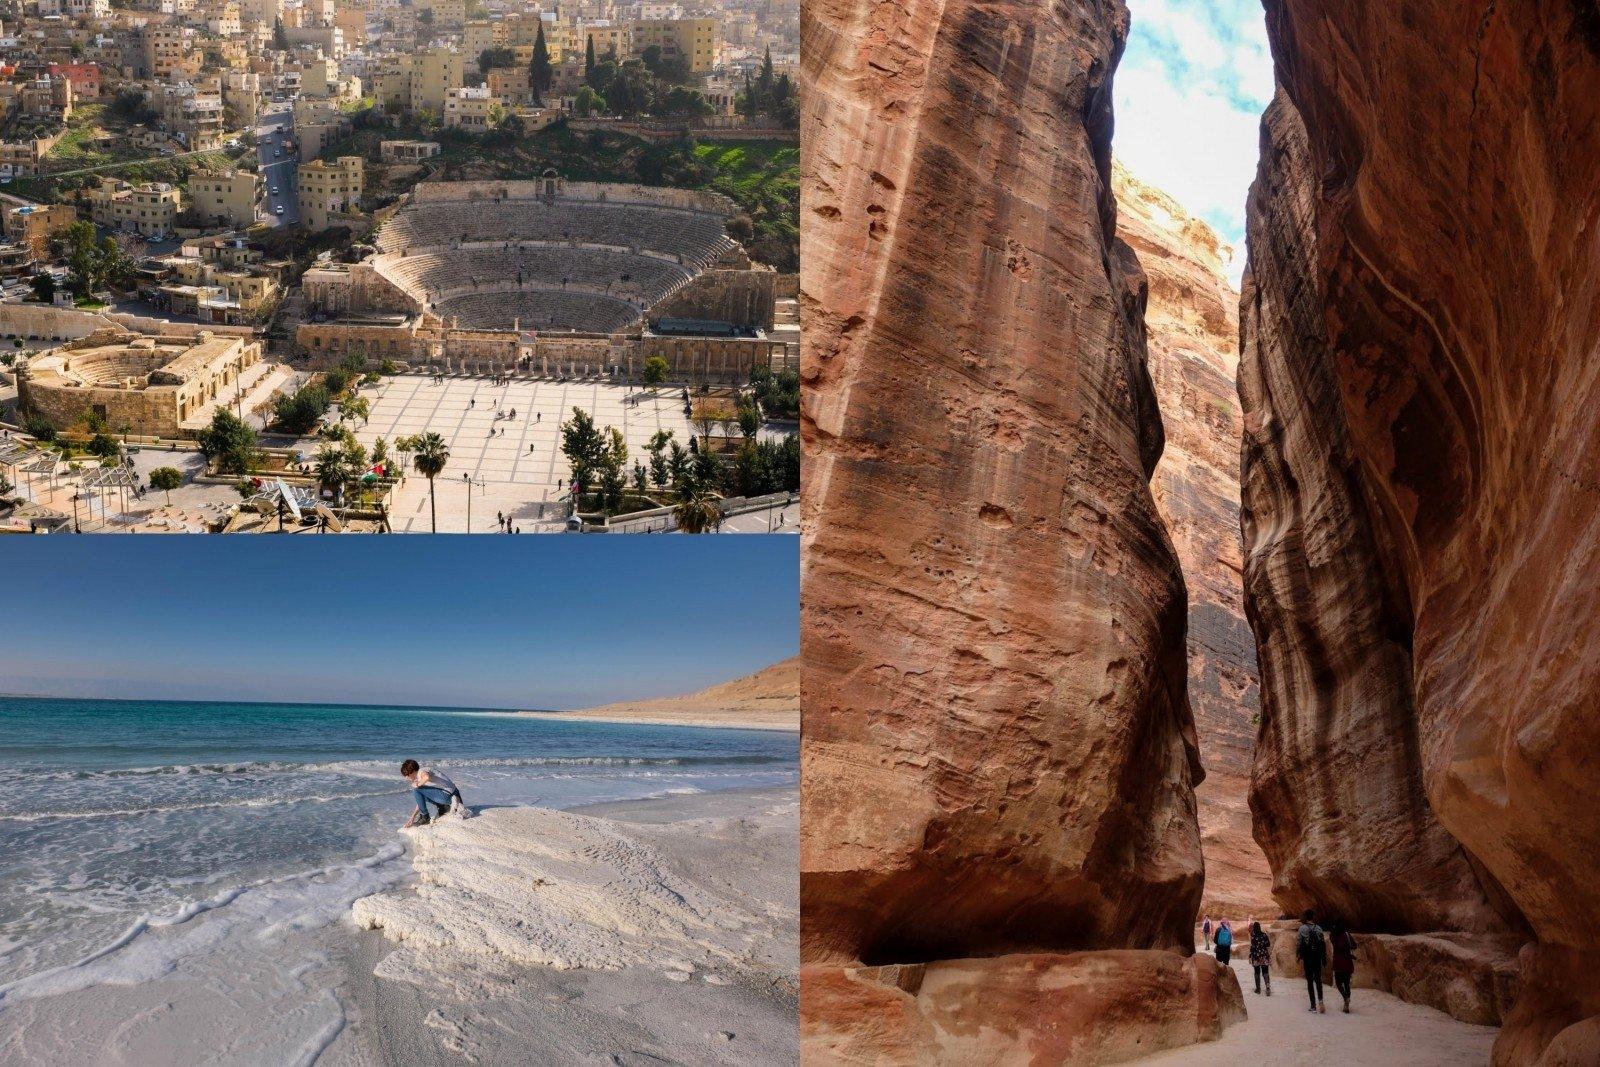 jordanija ir pasaulio prekybos sistema  arabų šalių pavyzdys